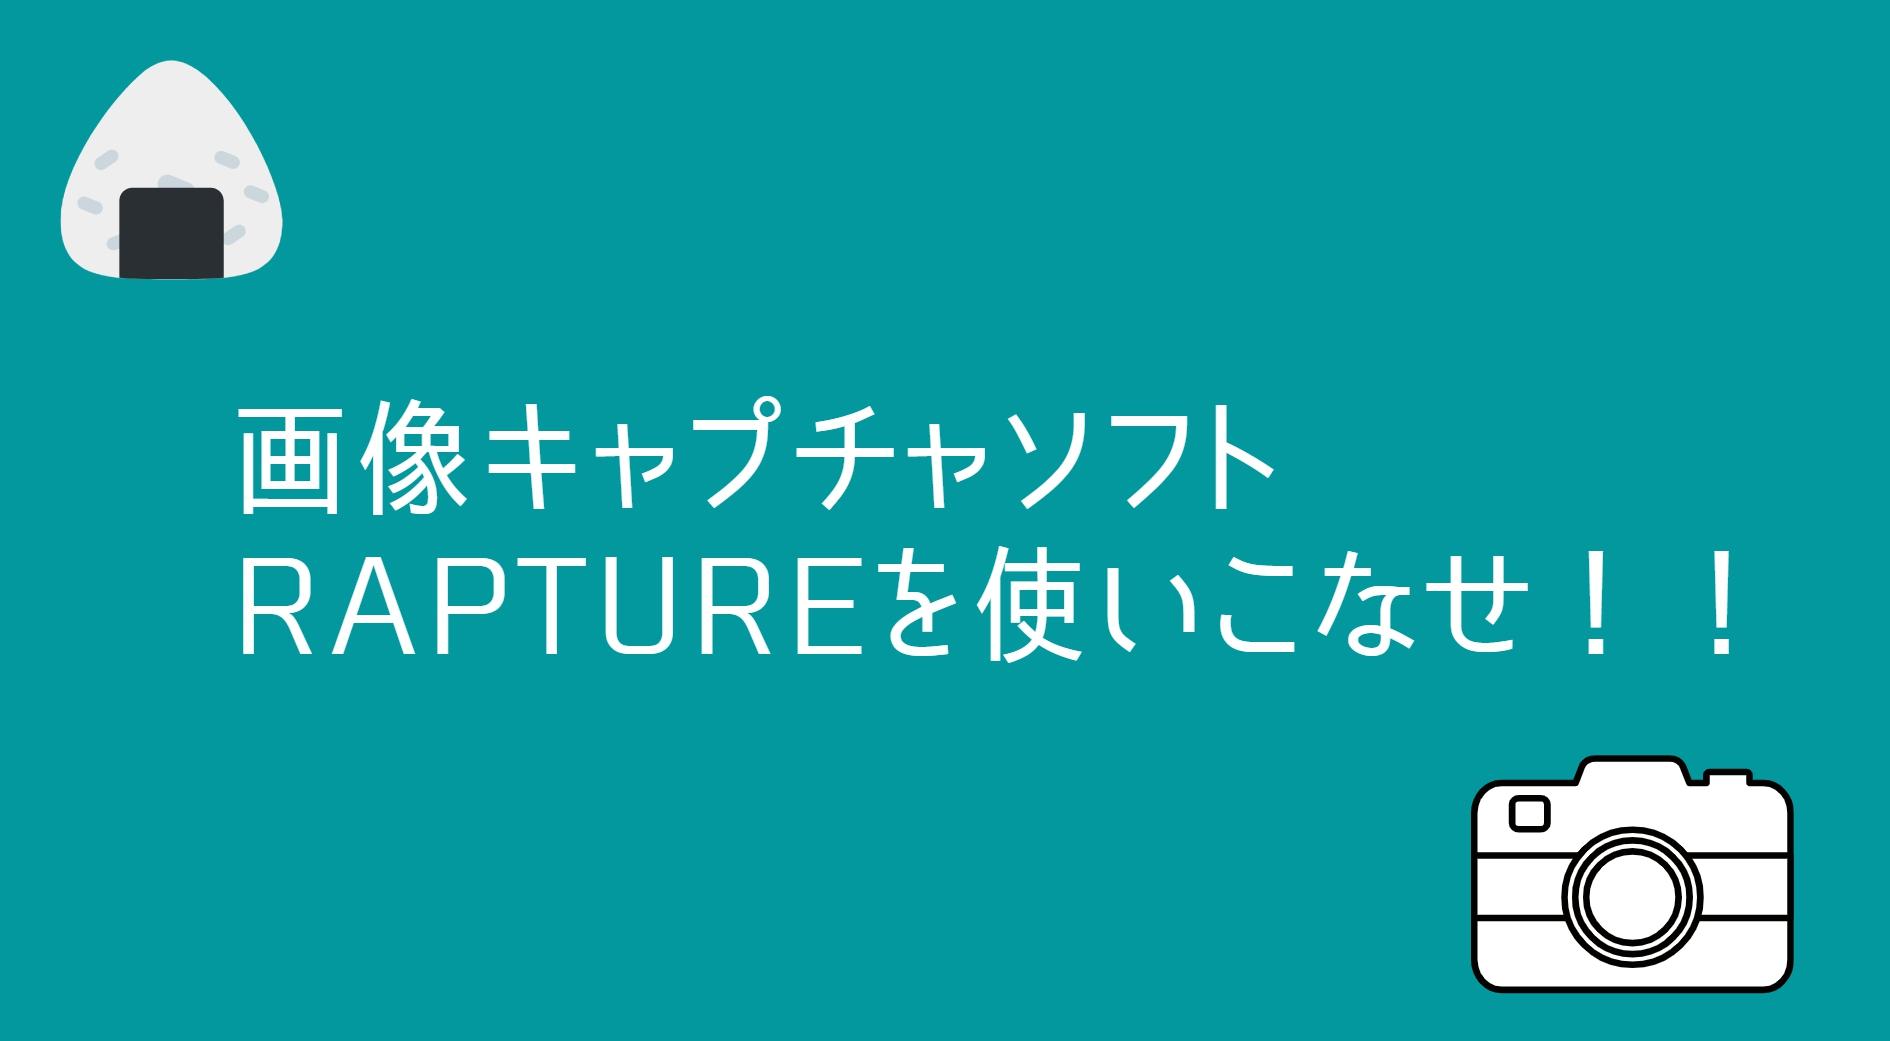 画像キャプチャソフトはRaptureで決まり!使い方【おにぎり嫌い設定】